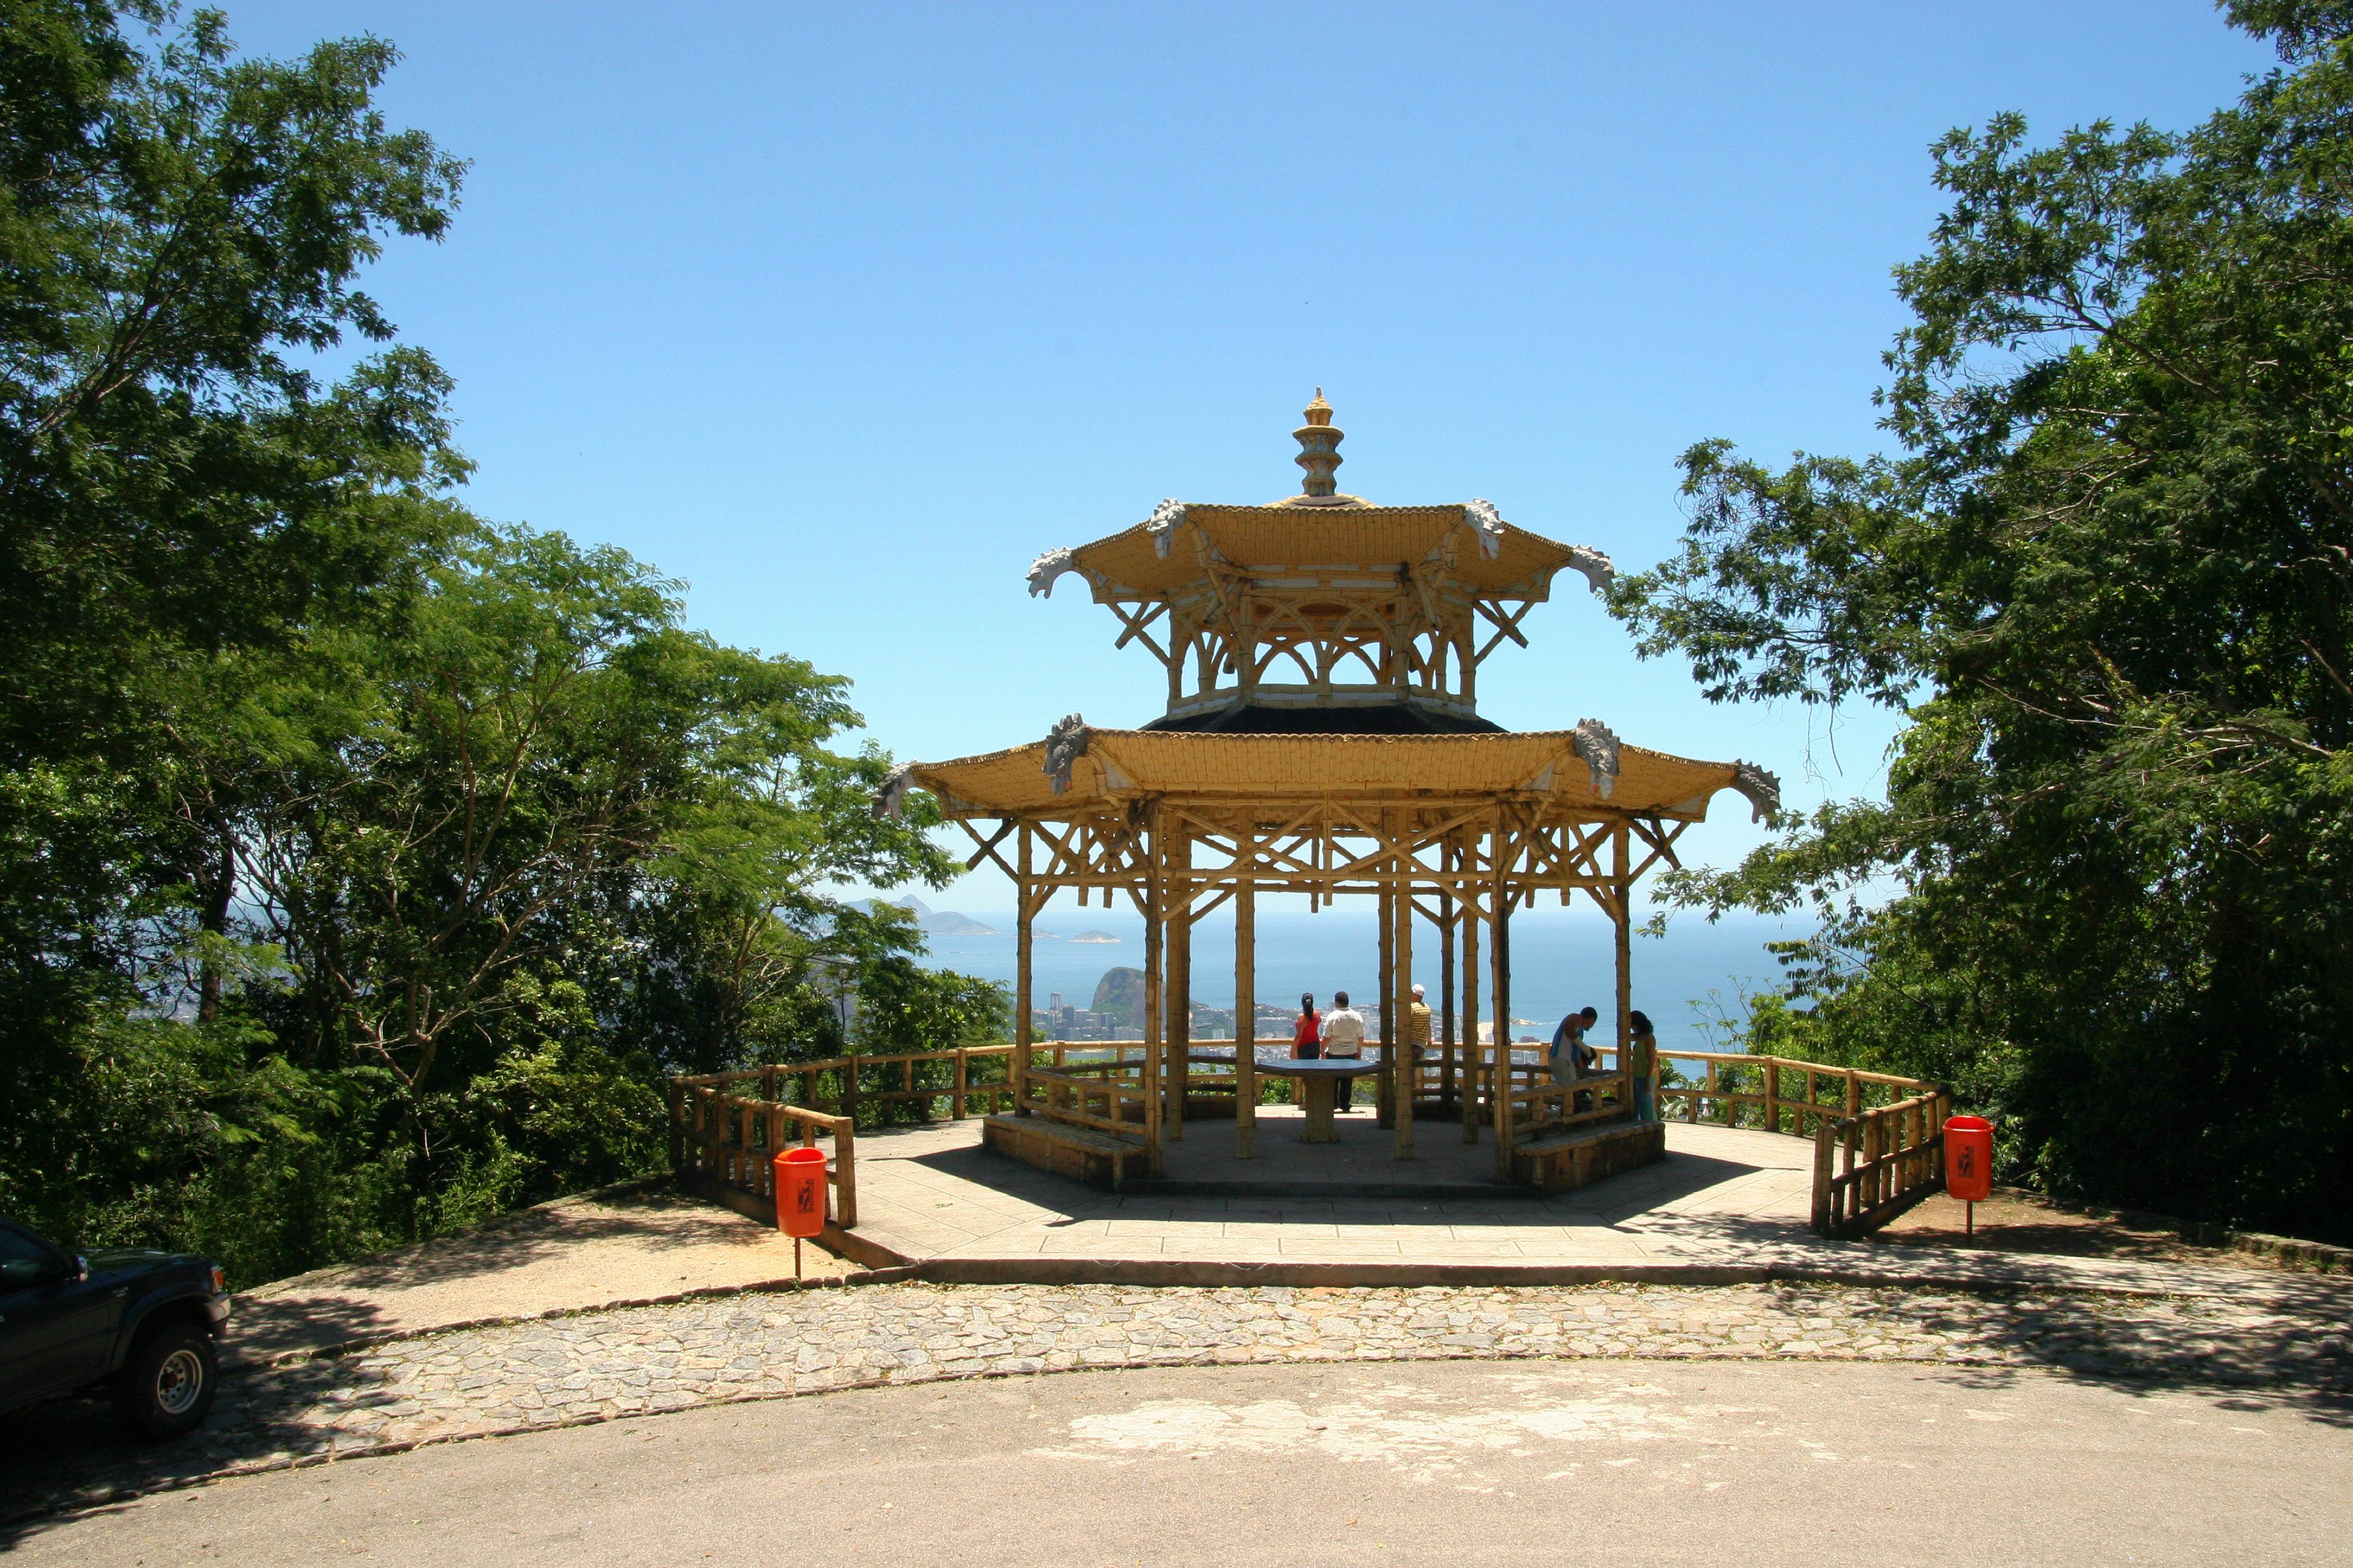 Vista chinesa do Parque Nacional da Tijuca, no Rio de Janeiro